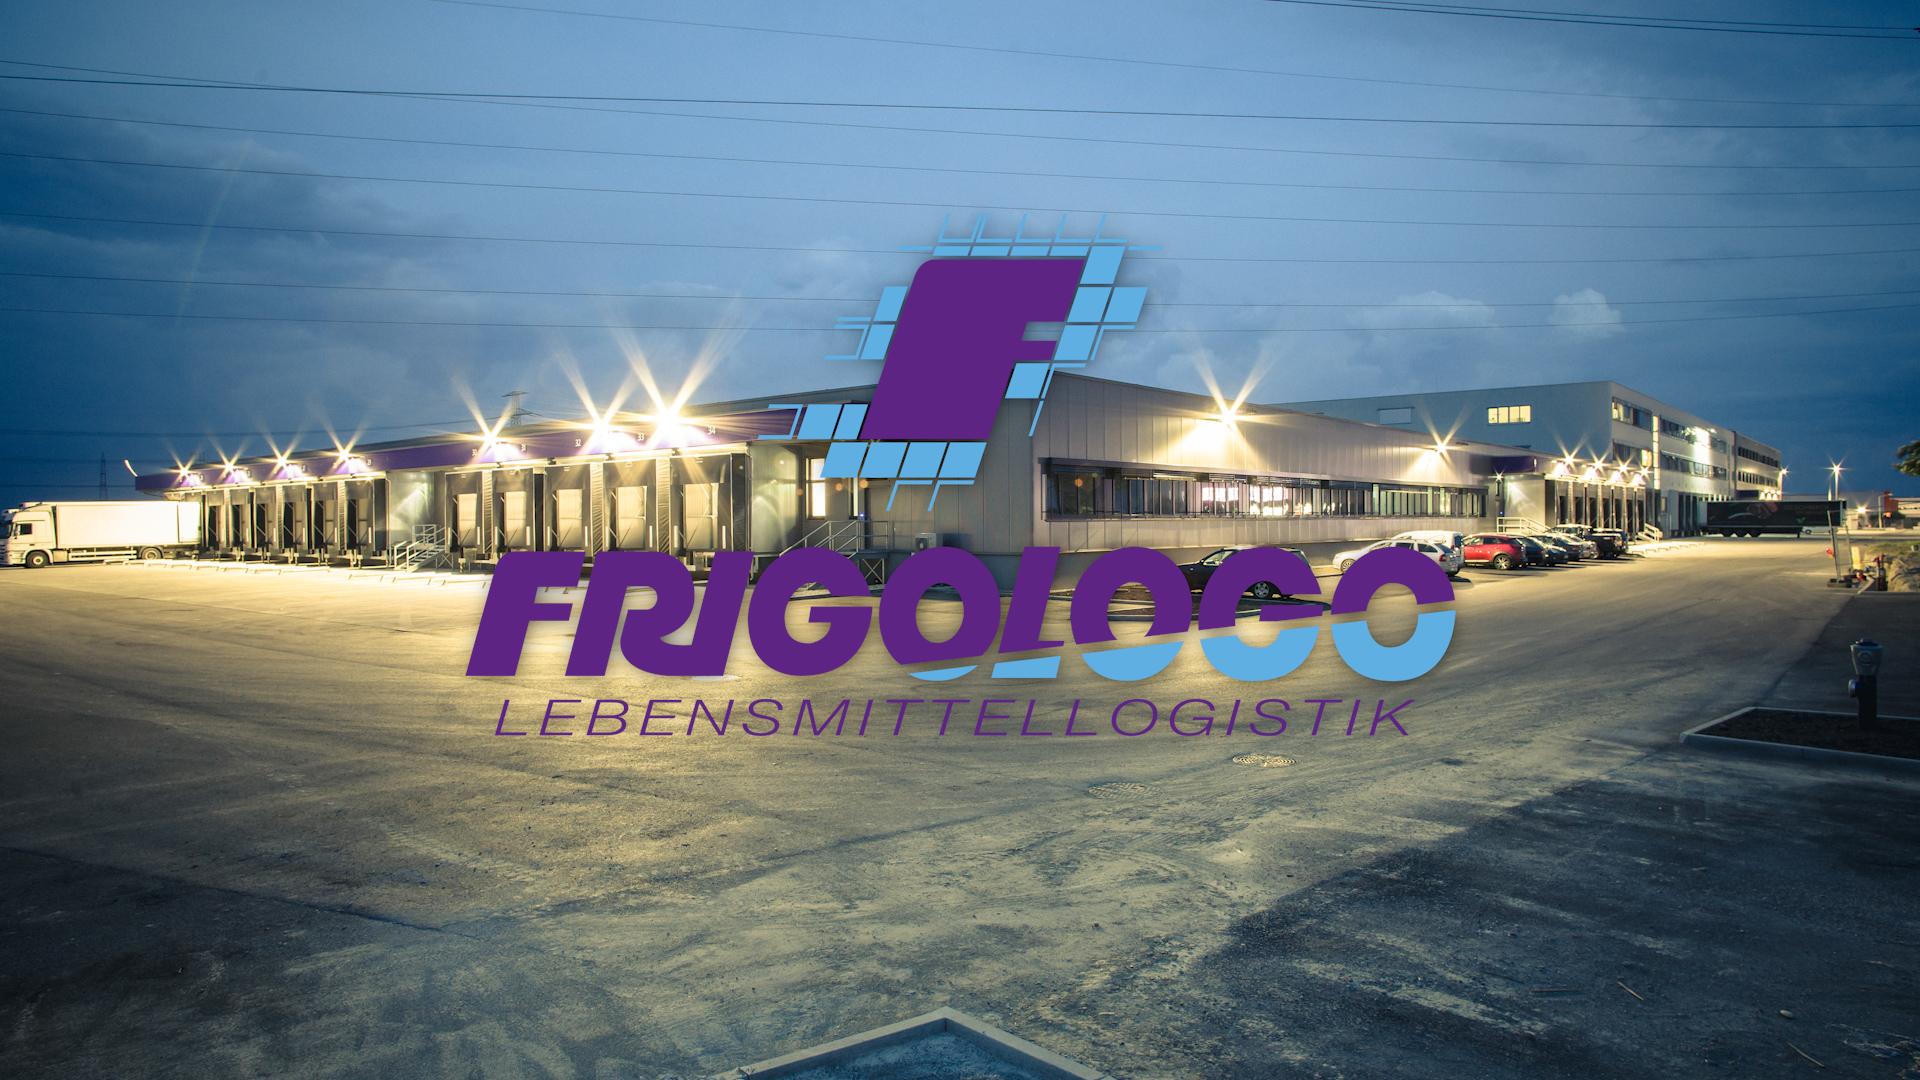 Frigologo-MariaLanzendorf_Opening2018_Welcome-Clip.00_00_58_19.Still001